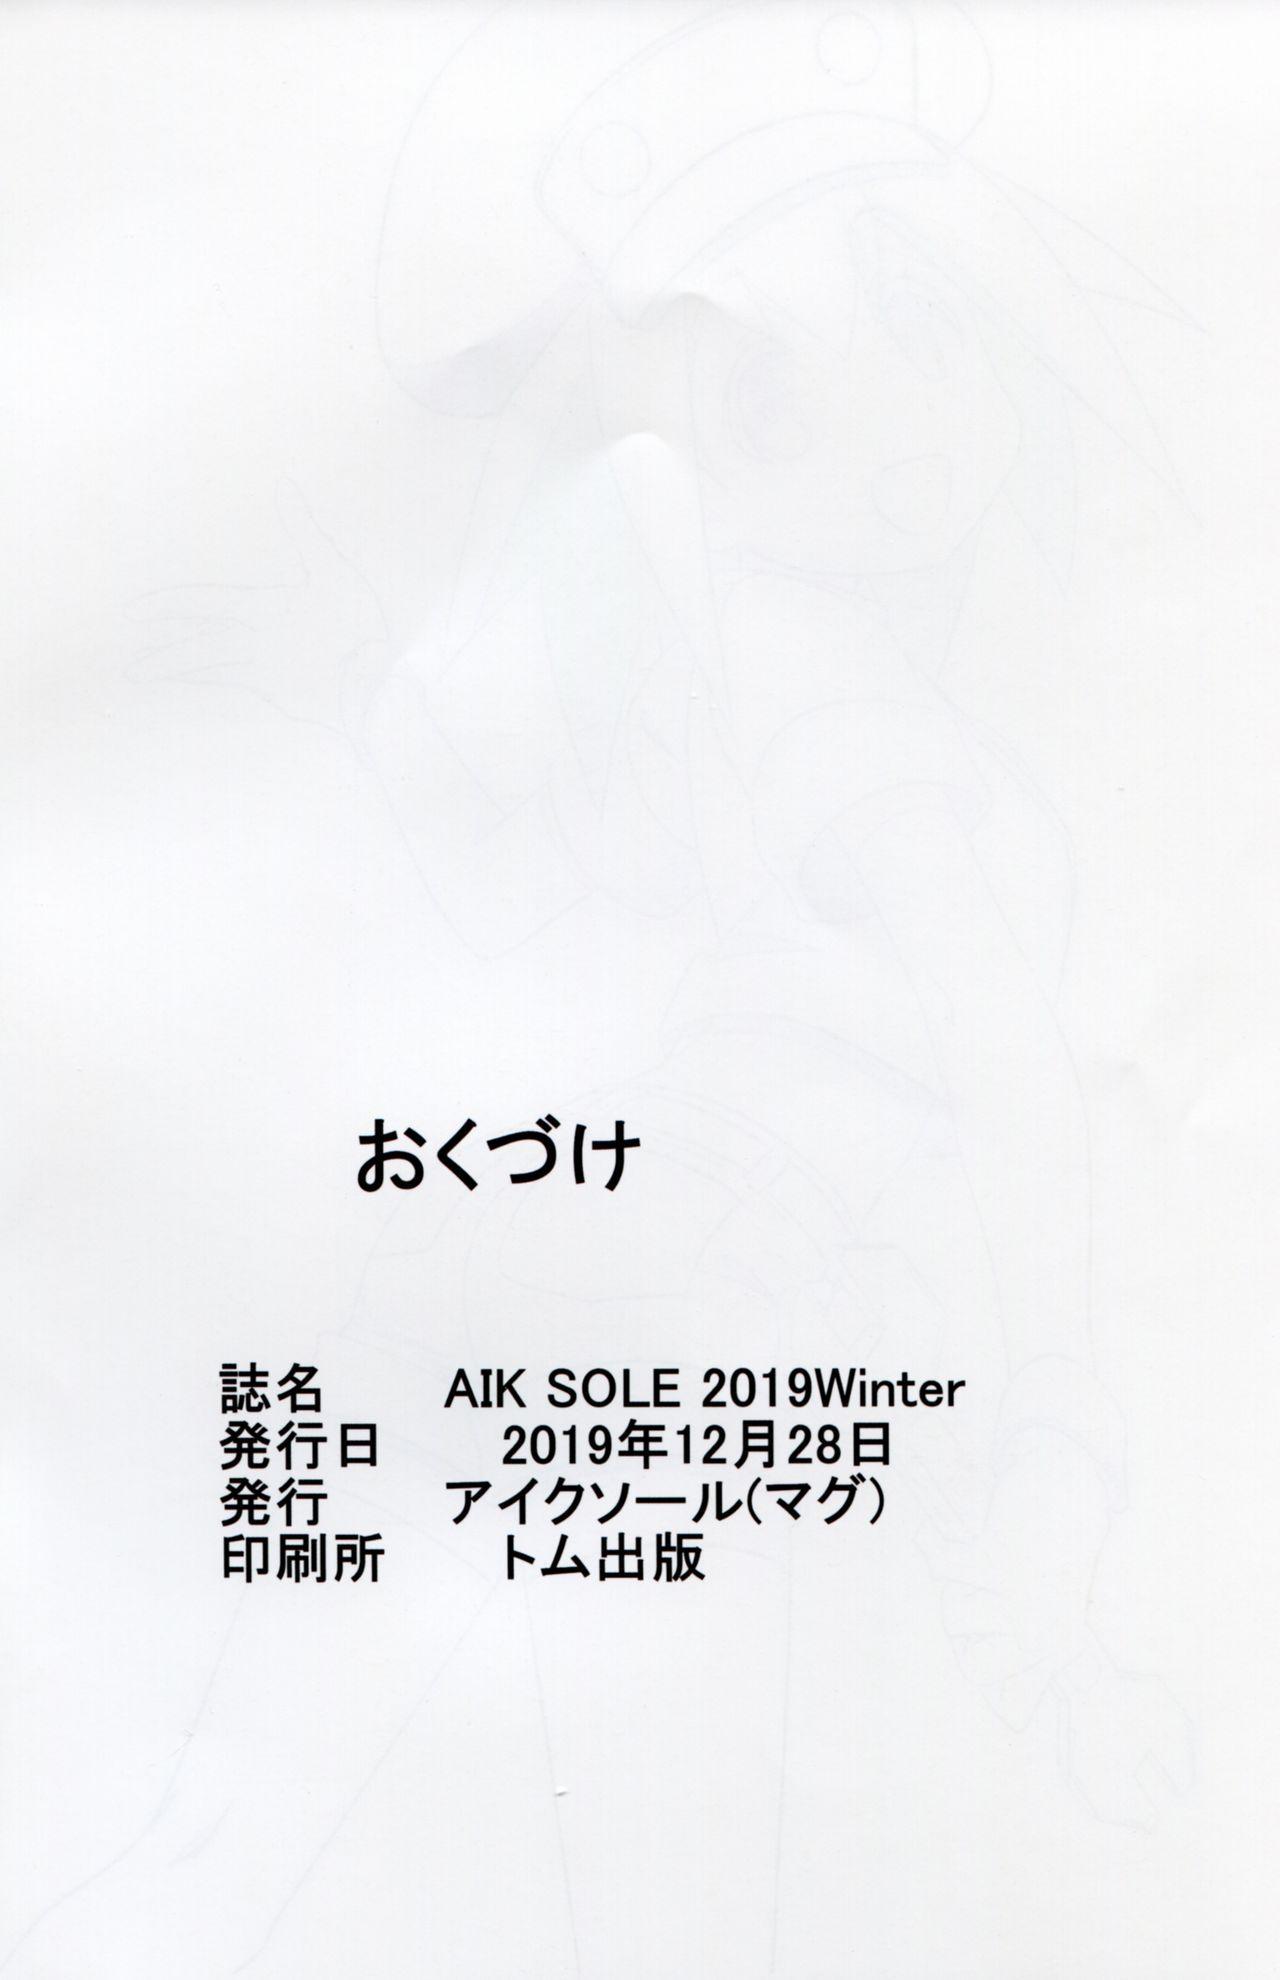 AIK SOLE 2019 Winter 33